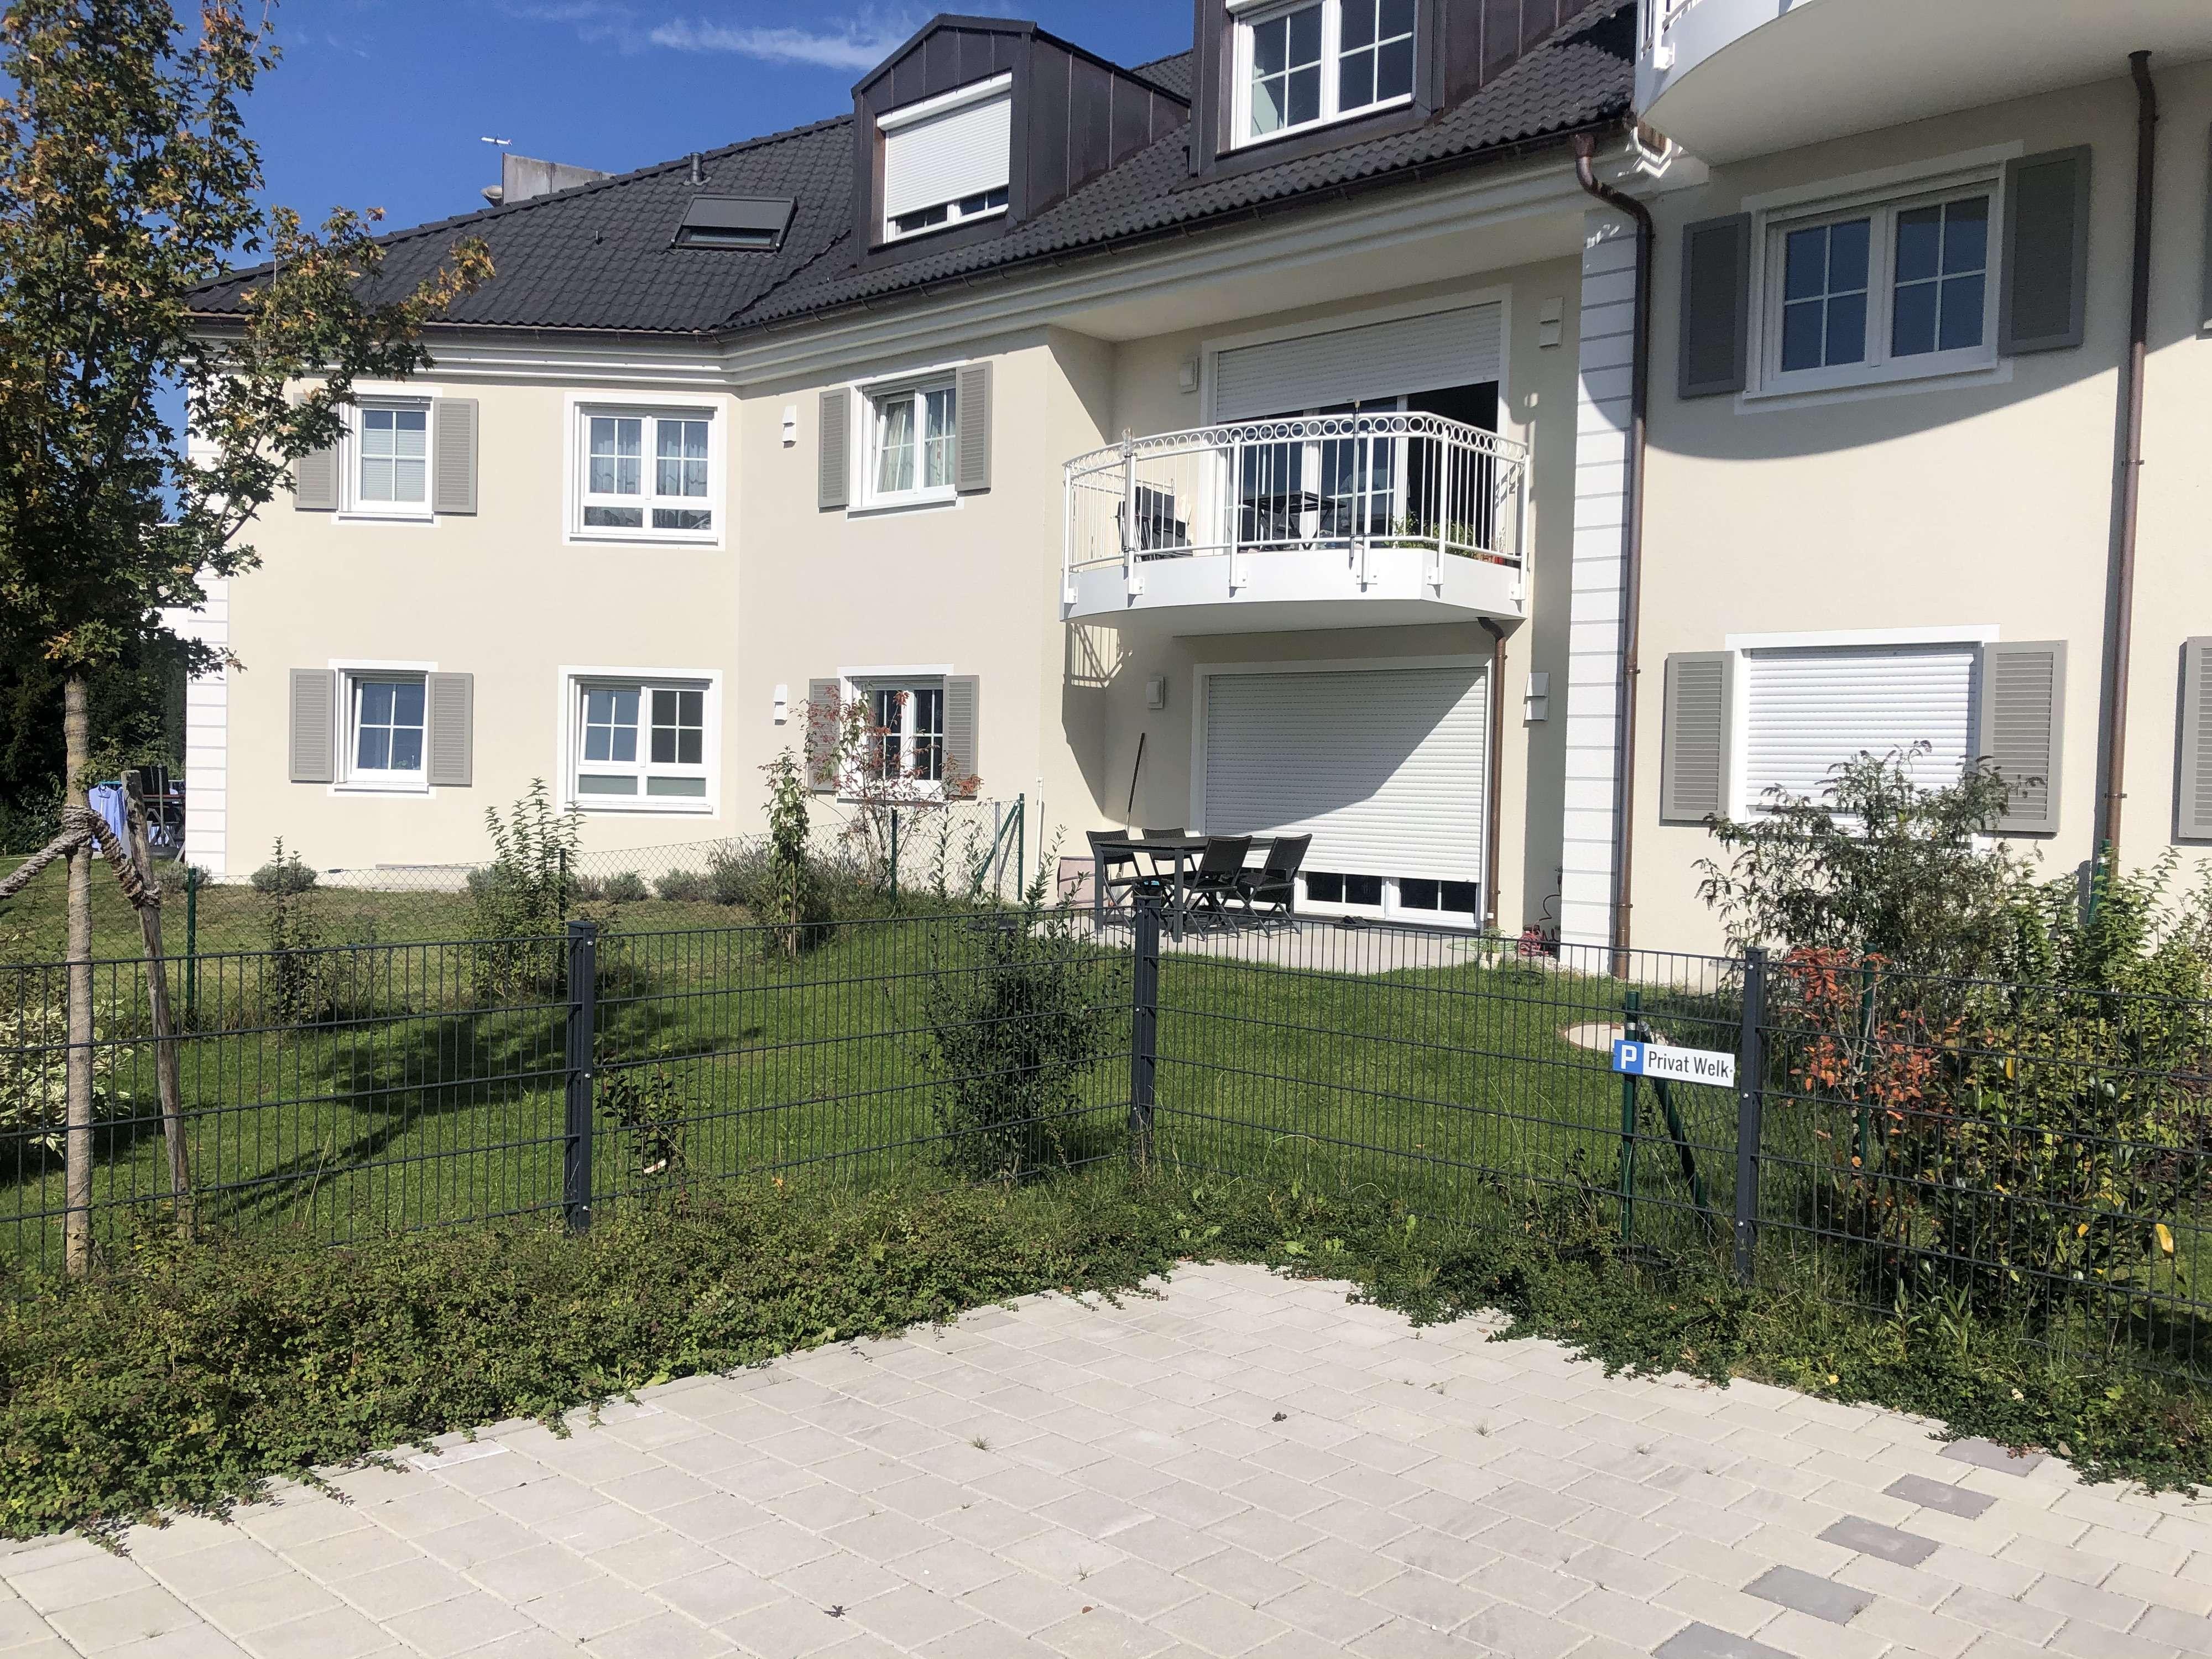 Traumhafte, sonnige 2,5 Zimmer Terrassenwohnung mit Garten in Bestlage von Gröbenzell in Gröbenzell